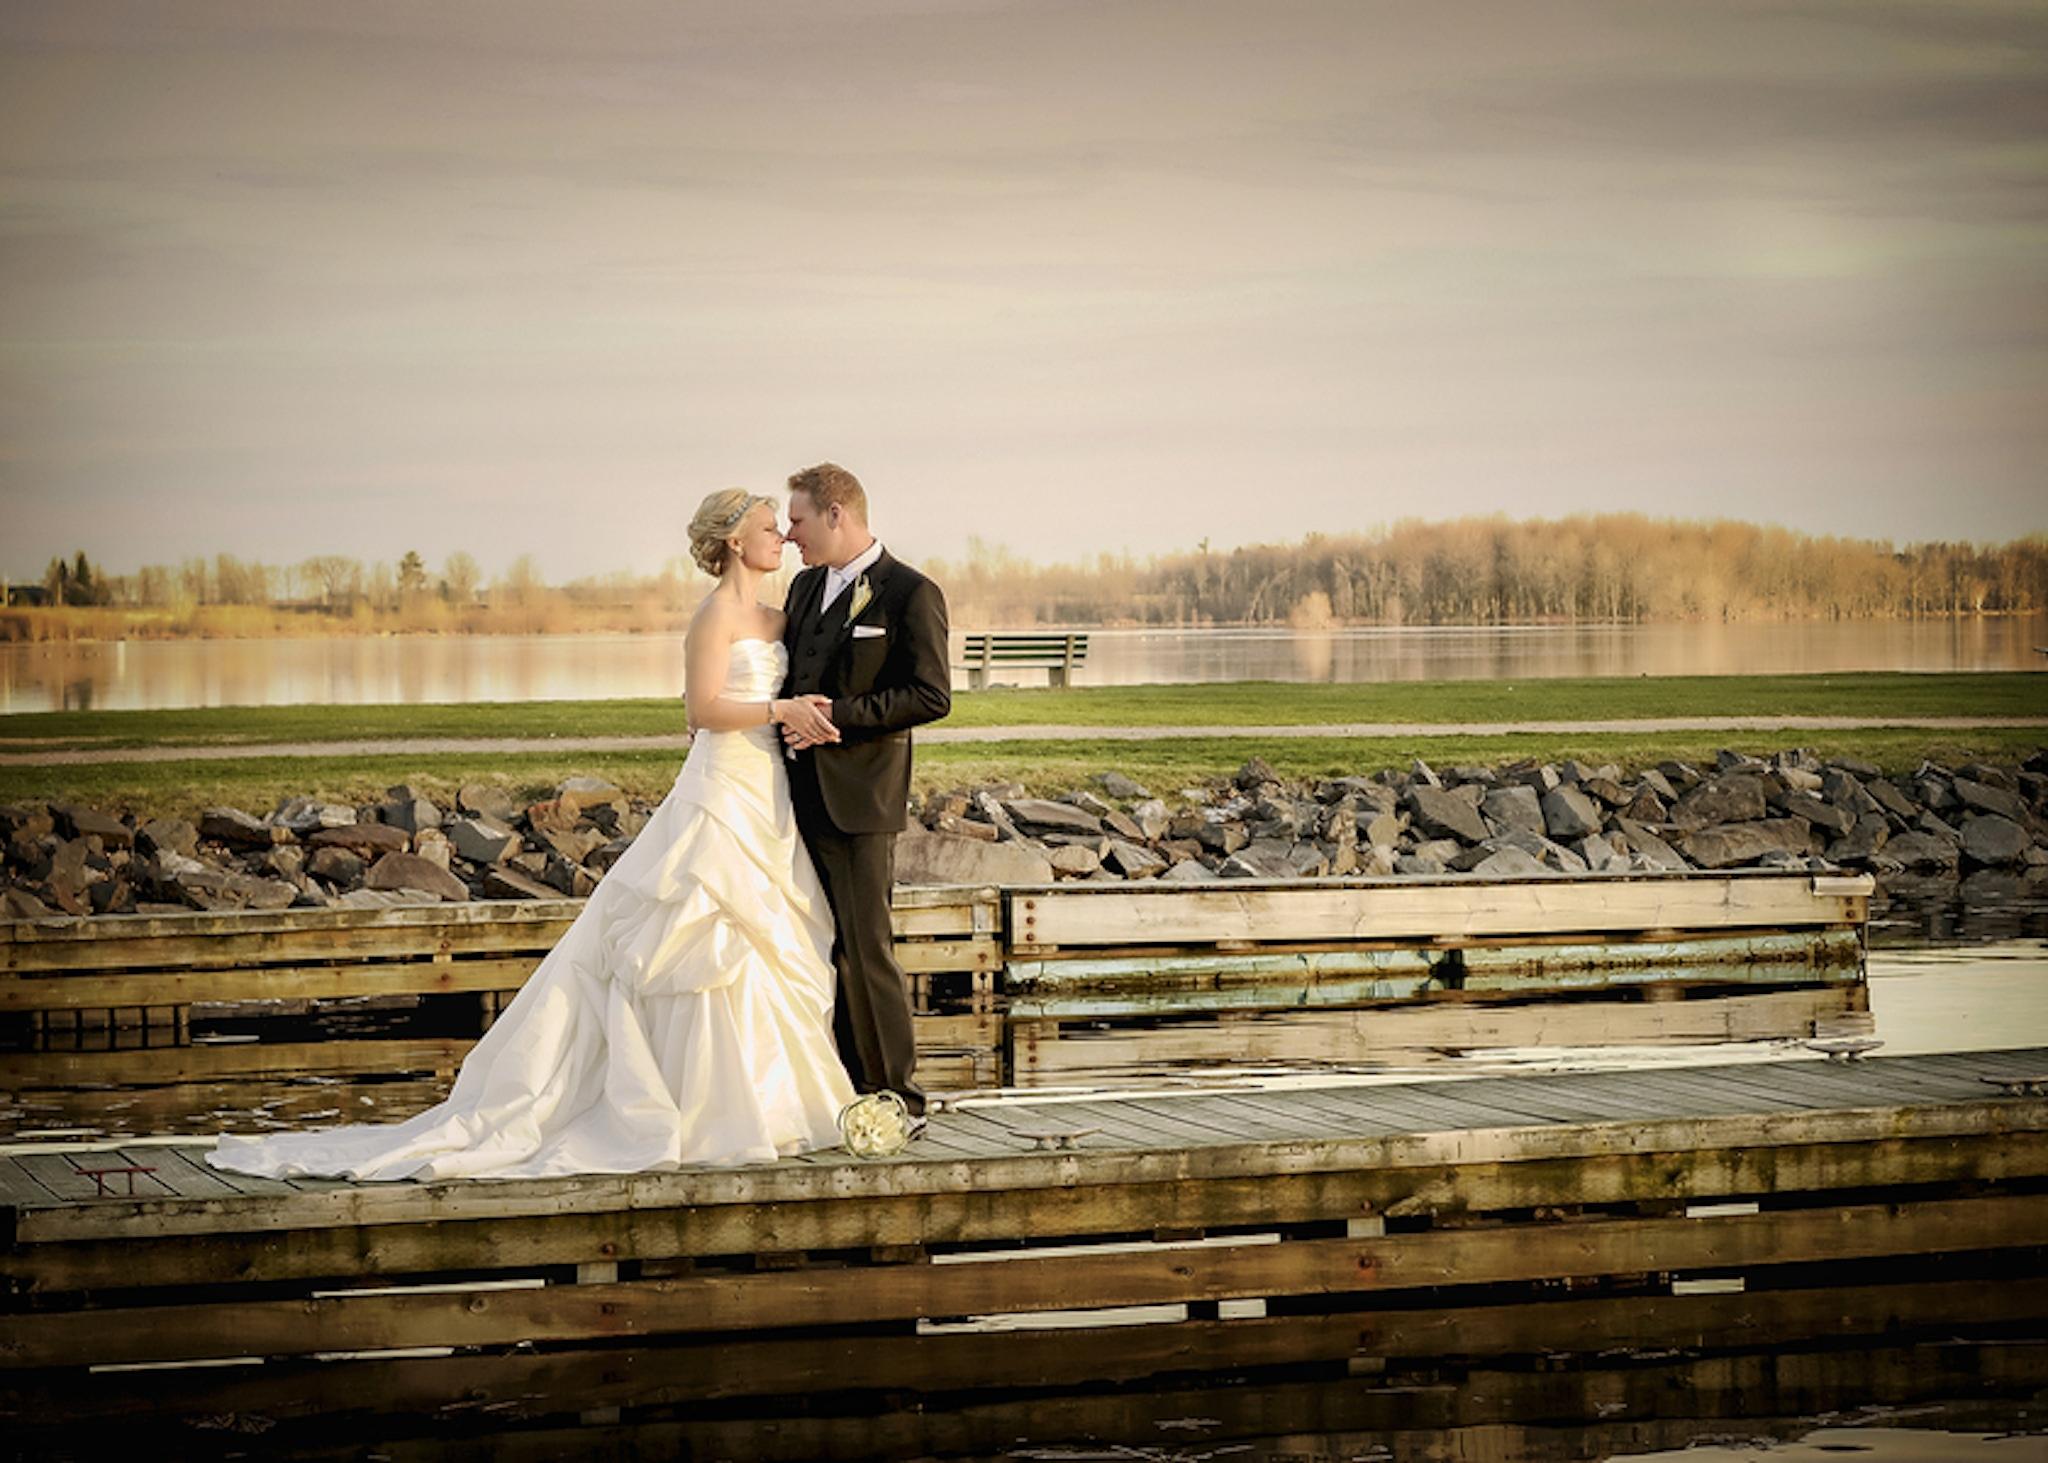 Canadian outdoor wedding